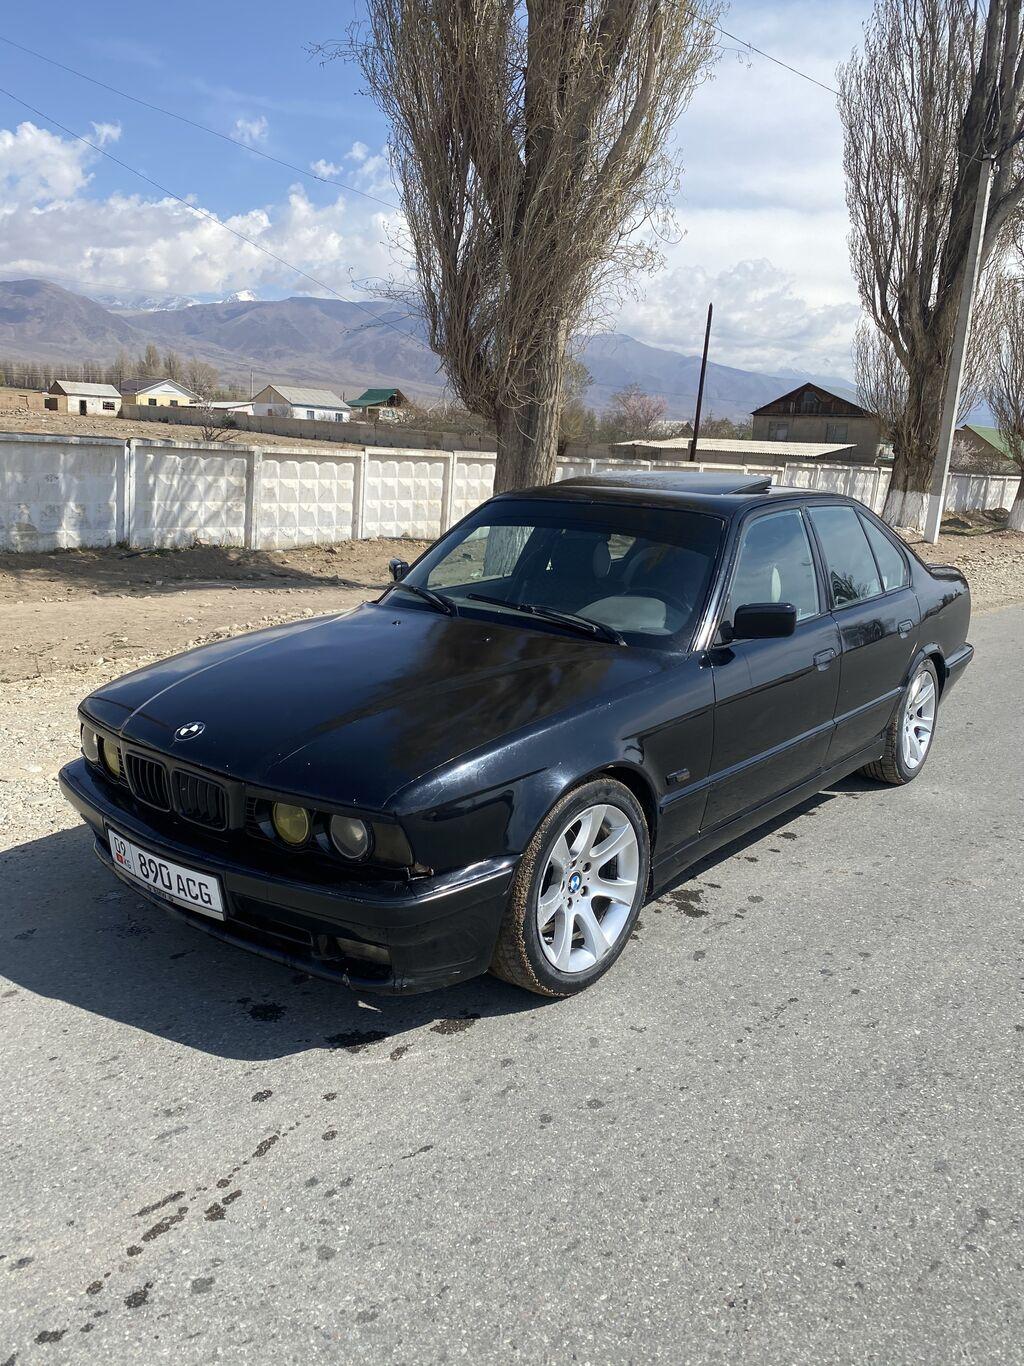 BMW 525 2.5 л. 1995 | 150000 км: BMW 525 2.5 л. 1995 | 150000 км